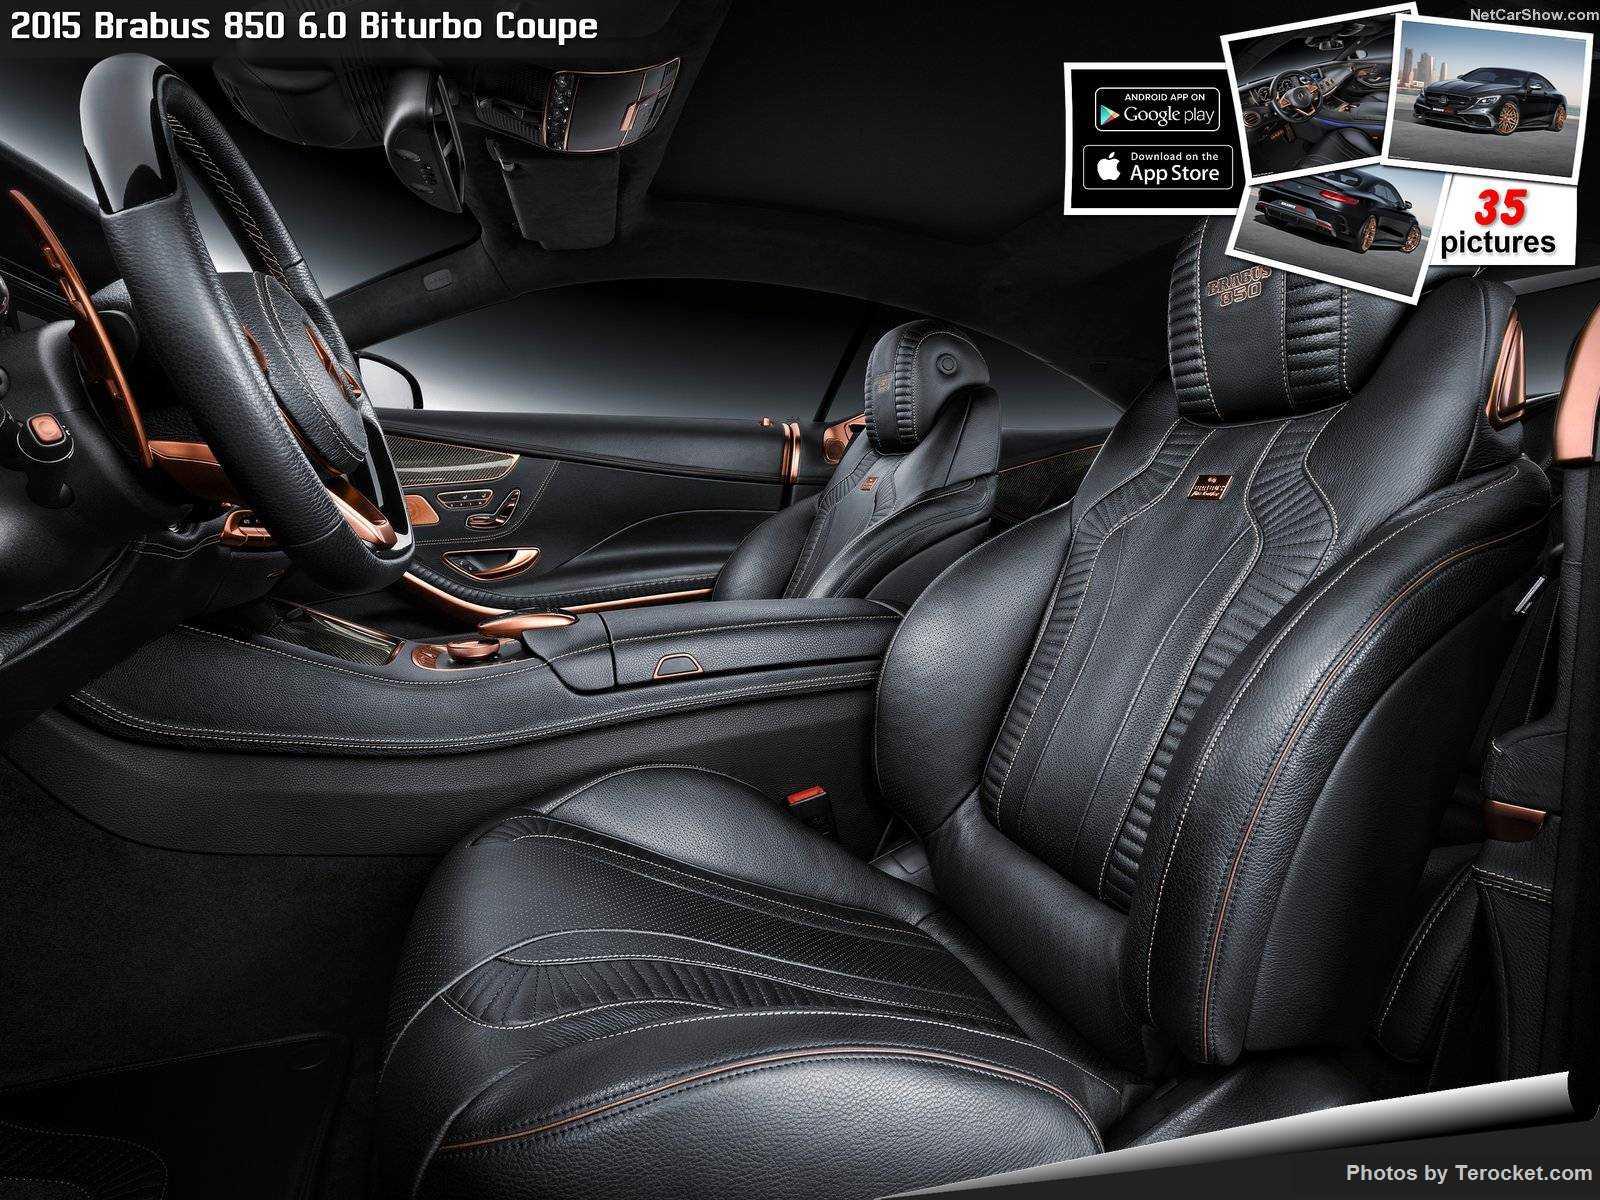 Hình ảnh xe ô tô Brabus 850 6.0 Biturbo Coupe 2015 & nội ngoại thất